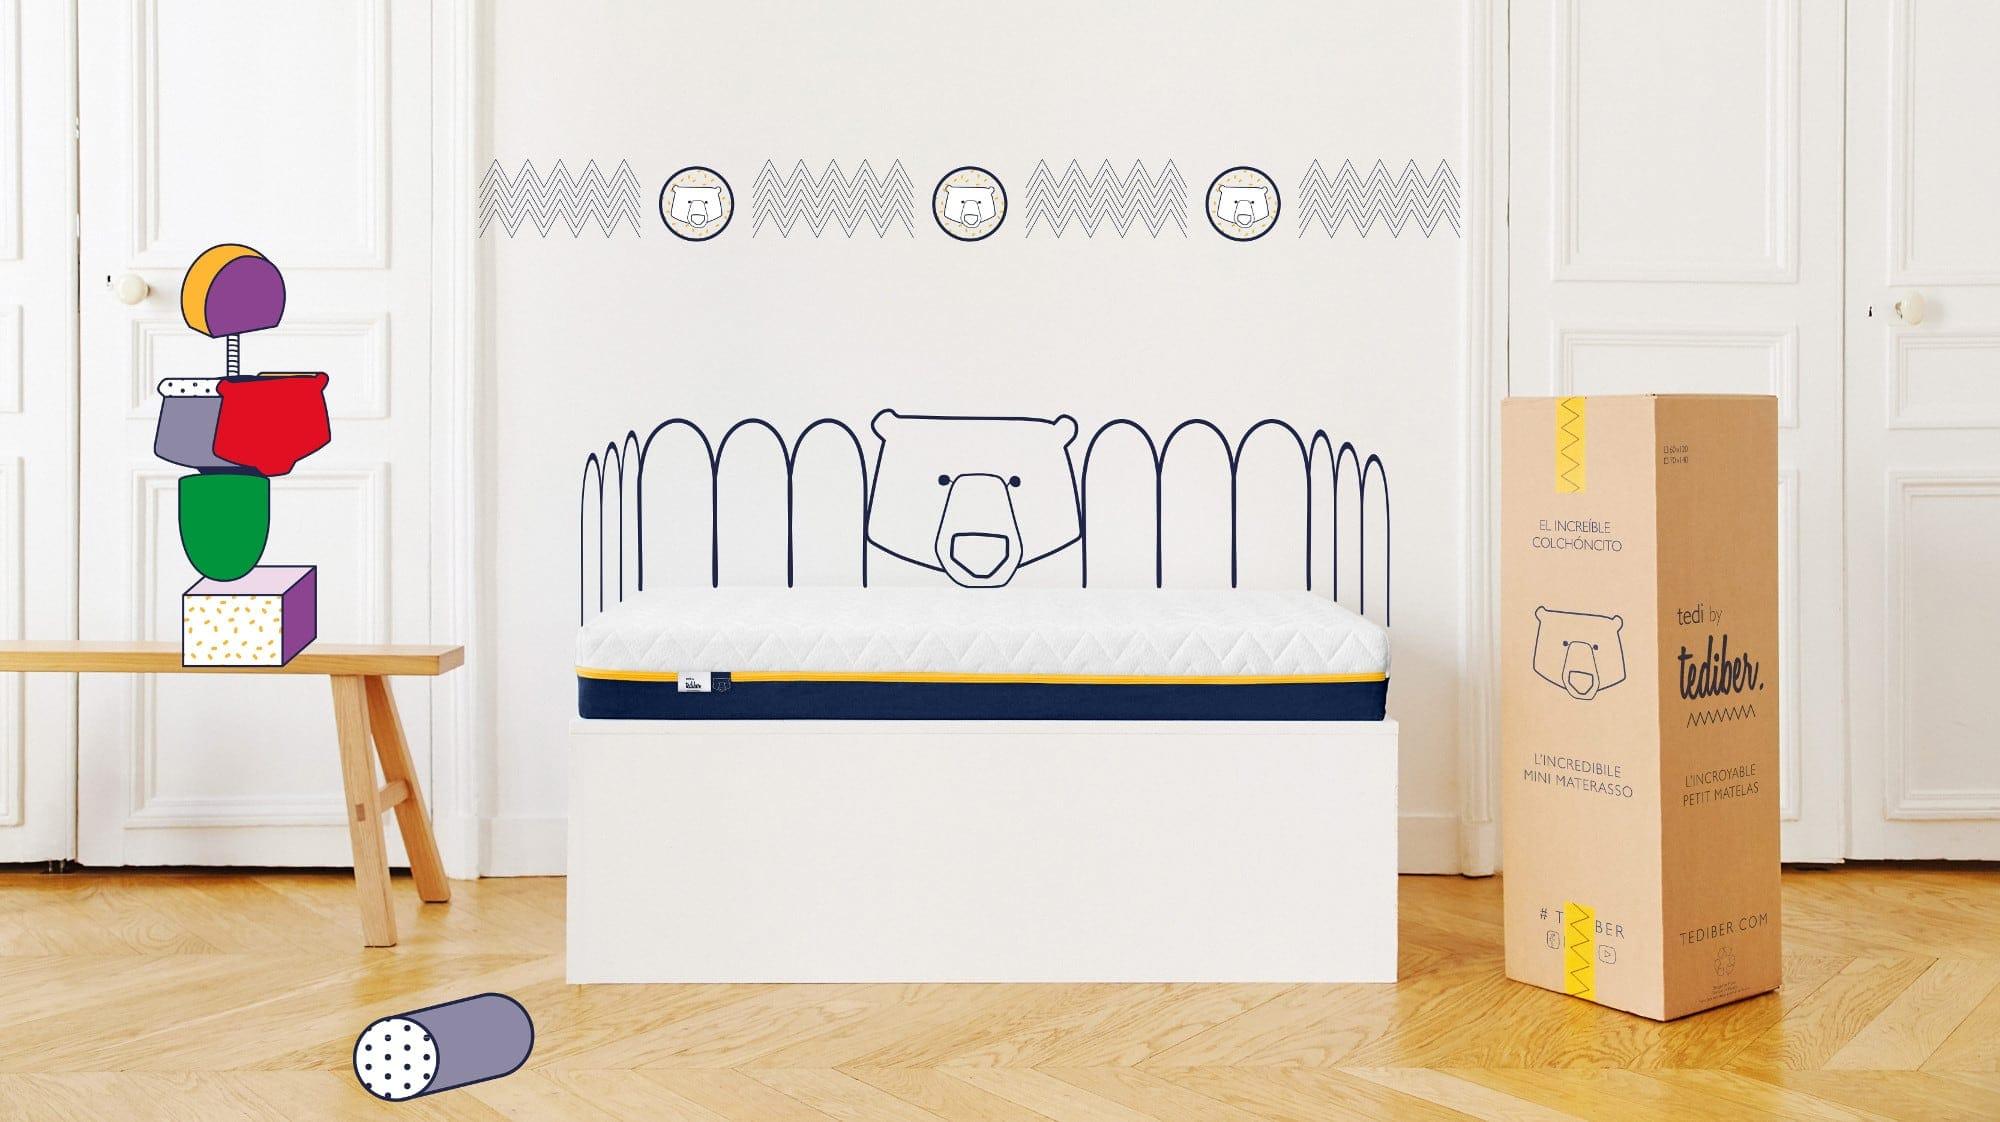 Tediber Matelas bébé 70x140 avec son draps inclus - Fabrication française - 0 à 5 ans - Livraison gratuite 24-48h - 100 nuits d'essai